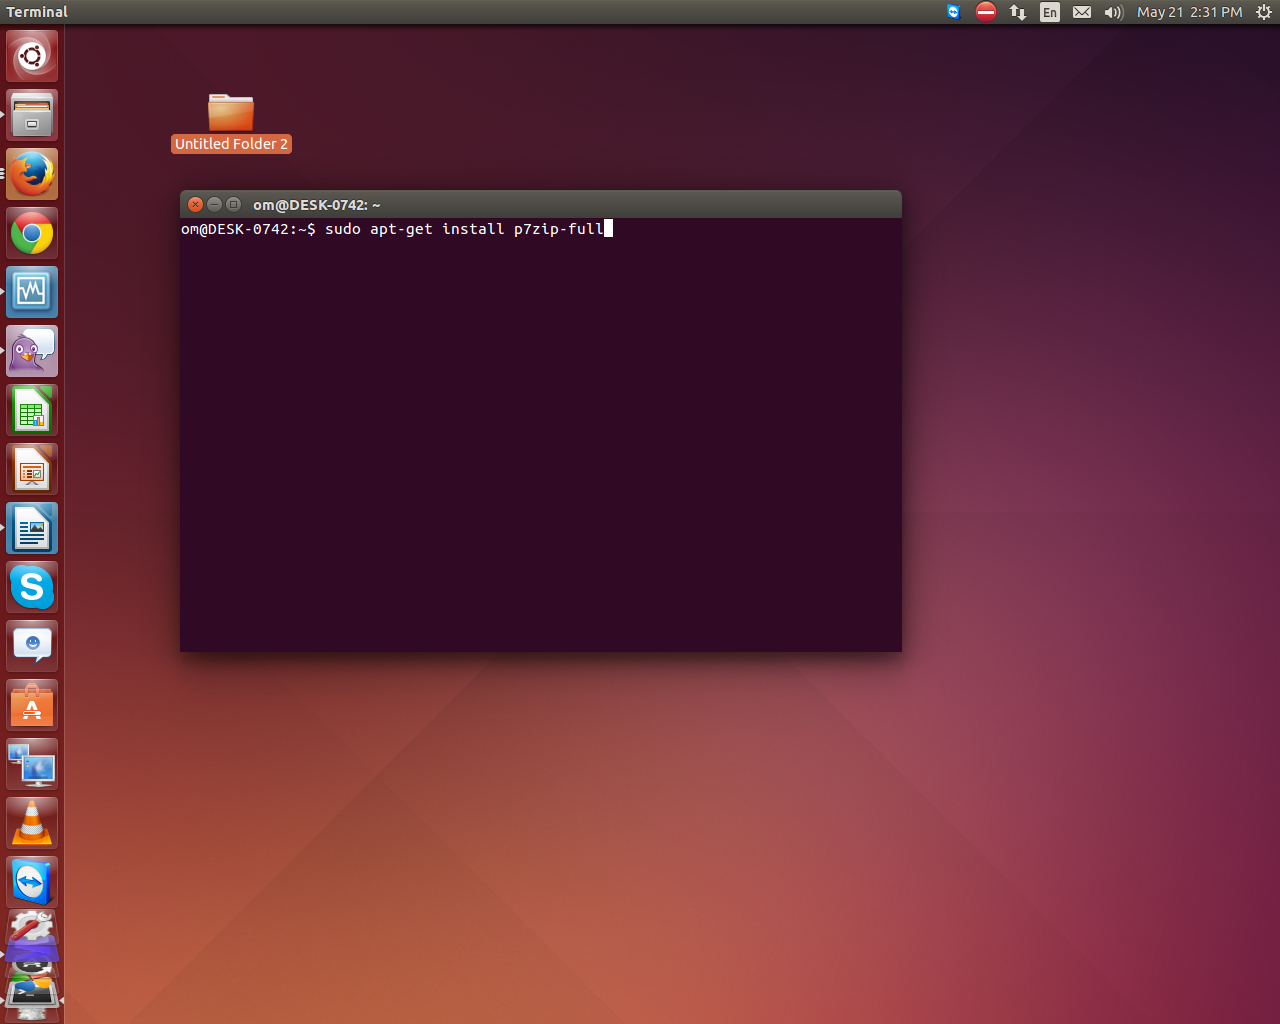 Extract RAR files in Ubuntu / /